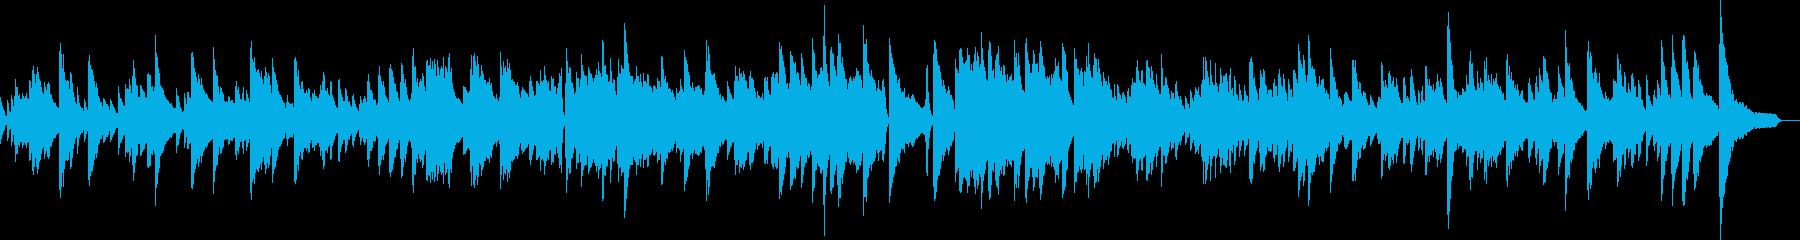 ジャズバラードテーマピアノ生演奏劇伴映像の再生済みの波形